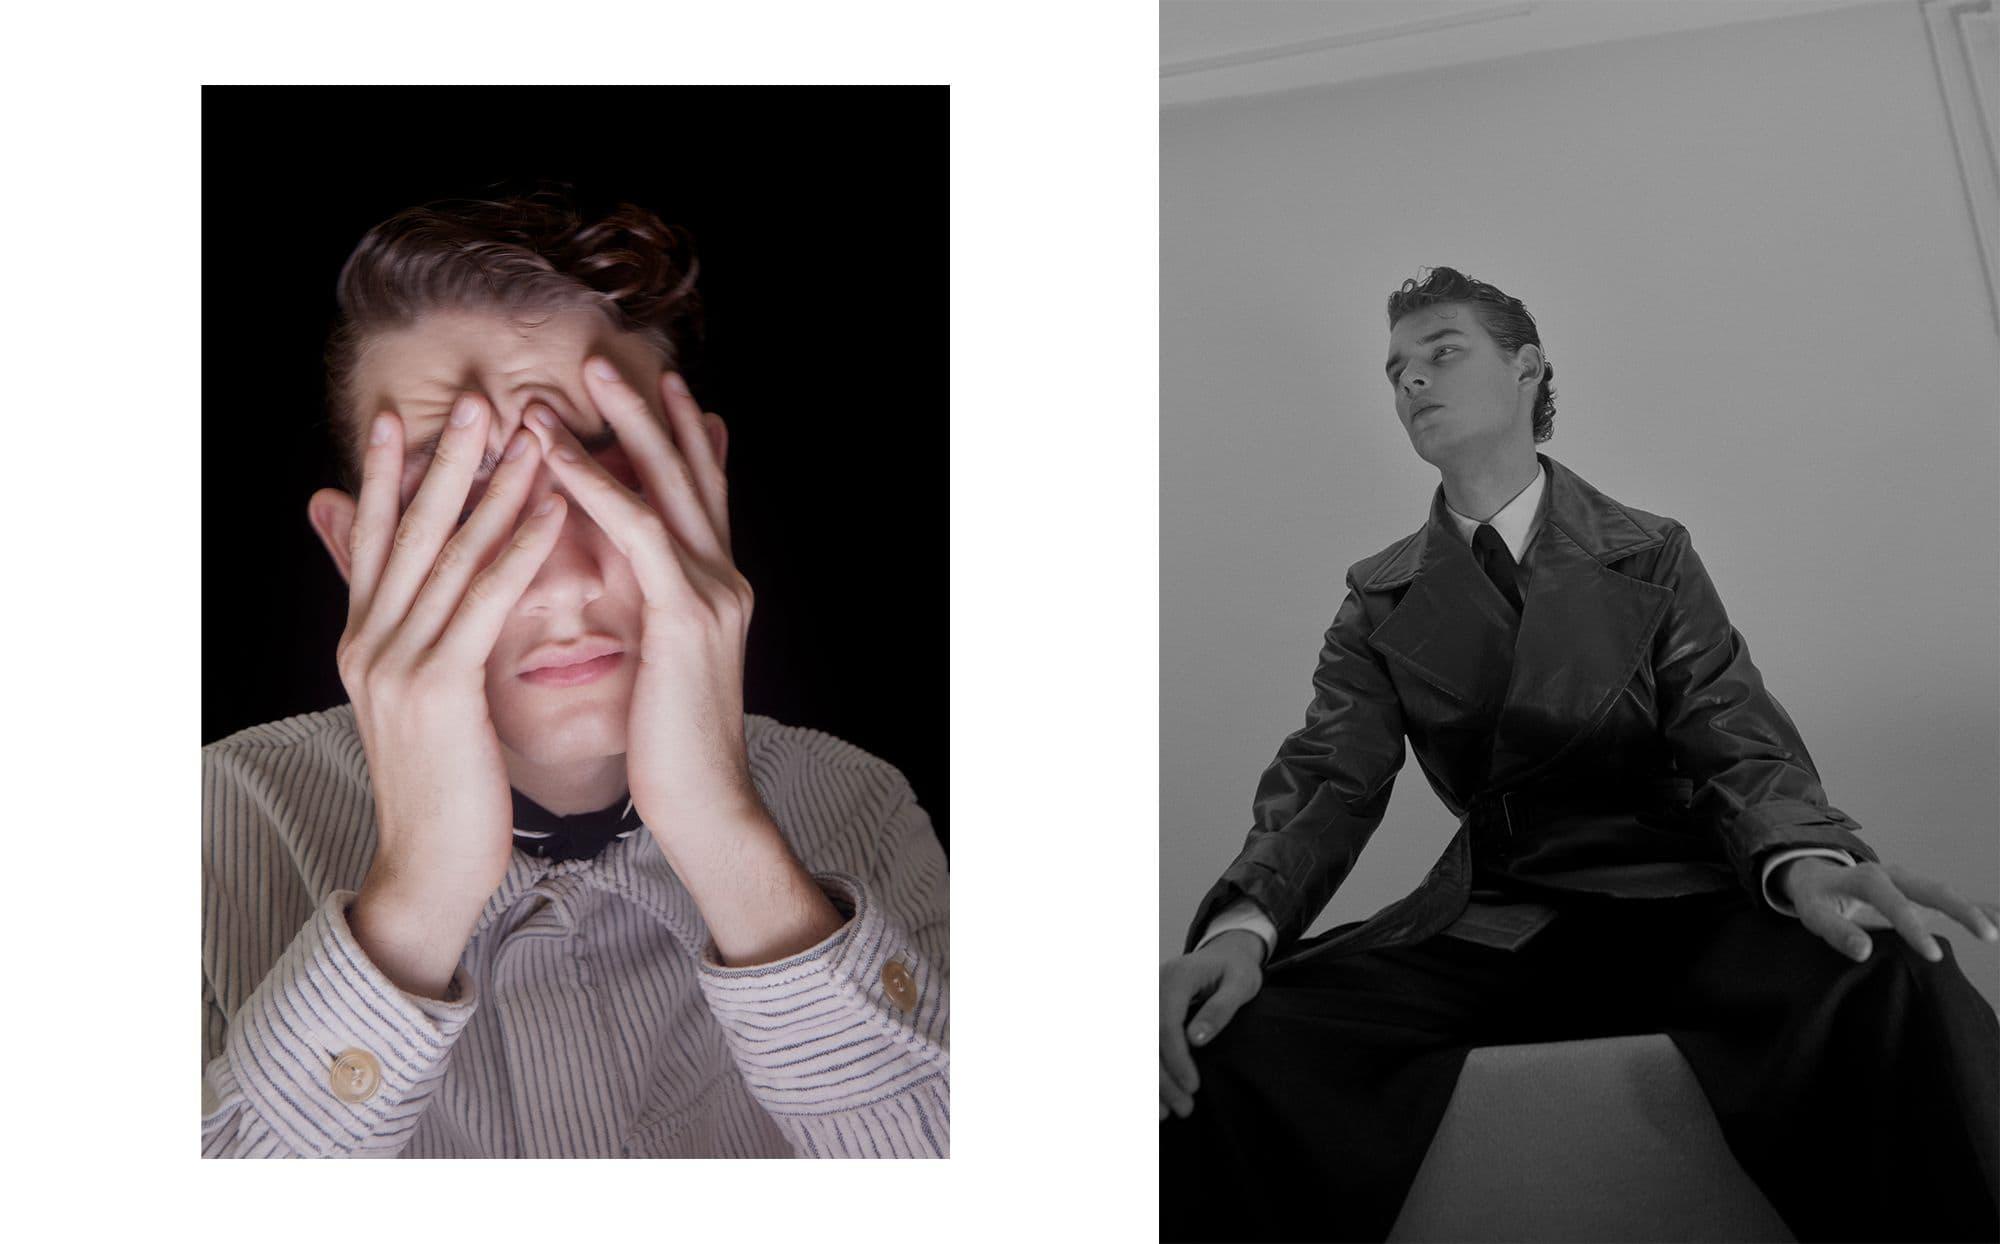 wilbert-eskildsen-thegreatestmagazine-talkingheads-1